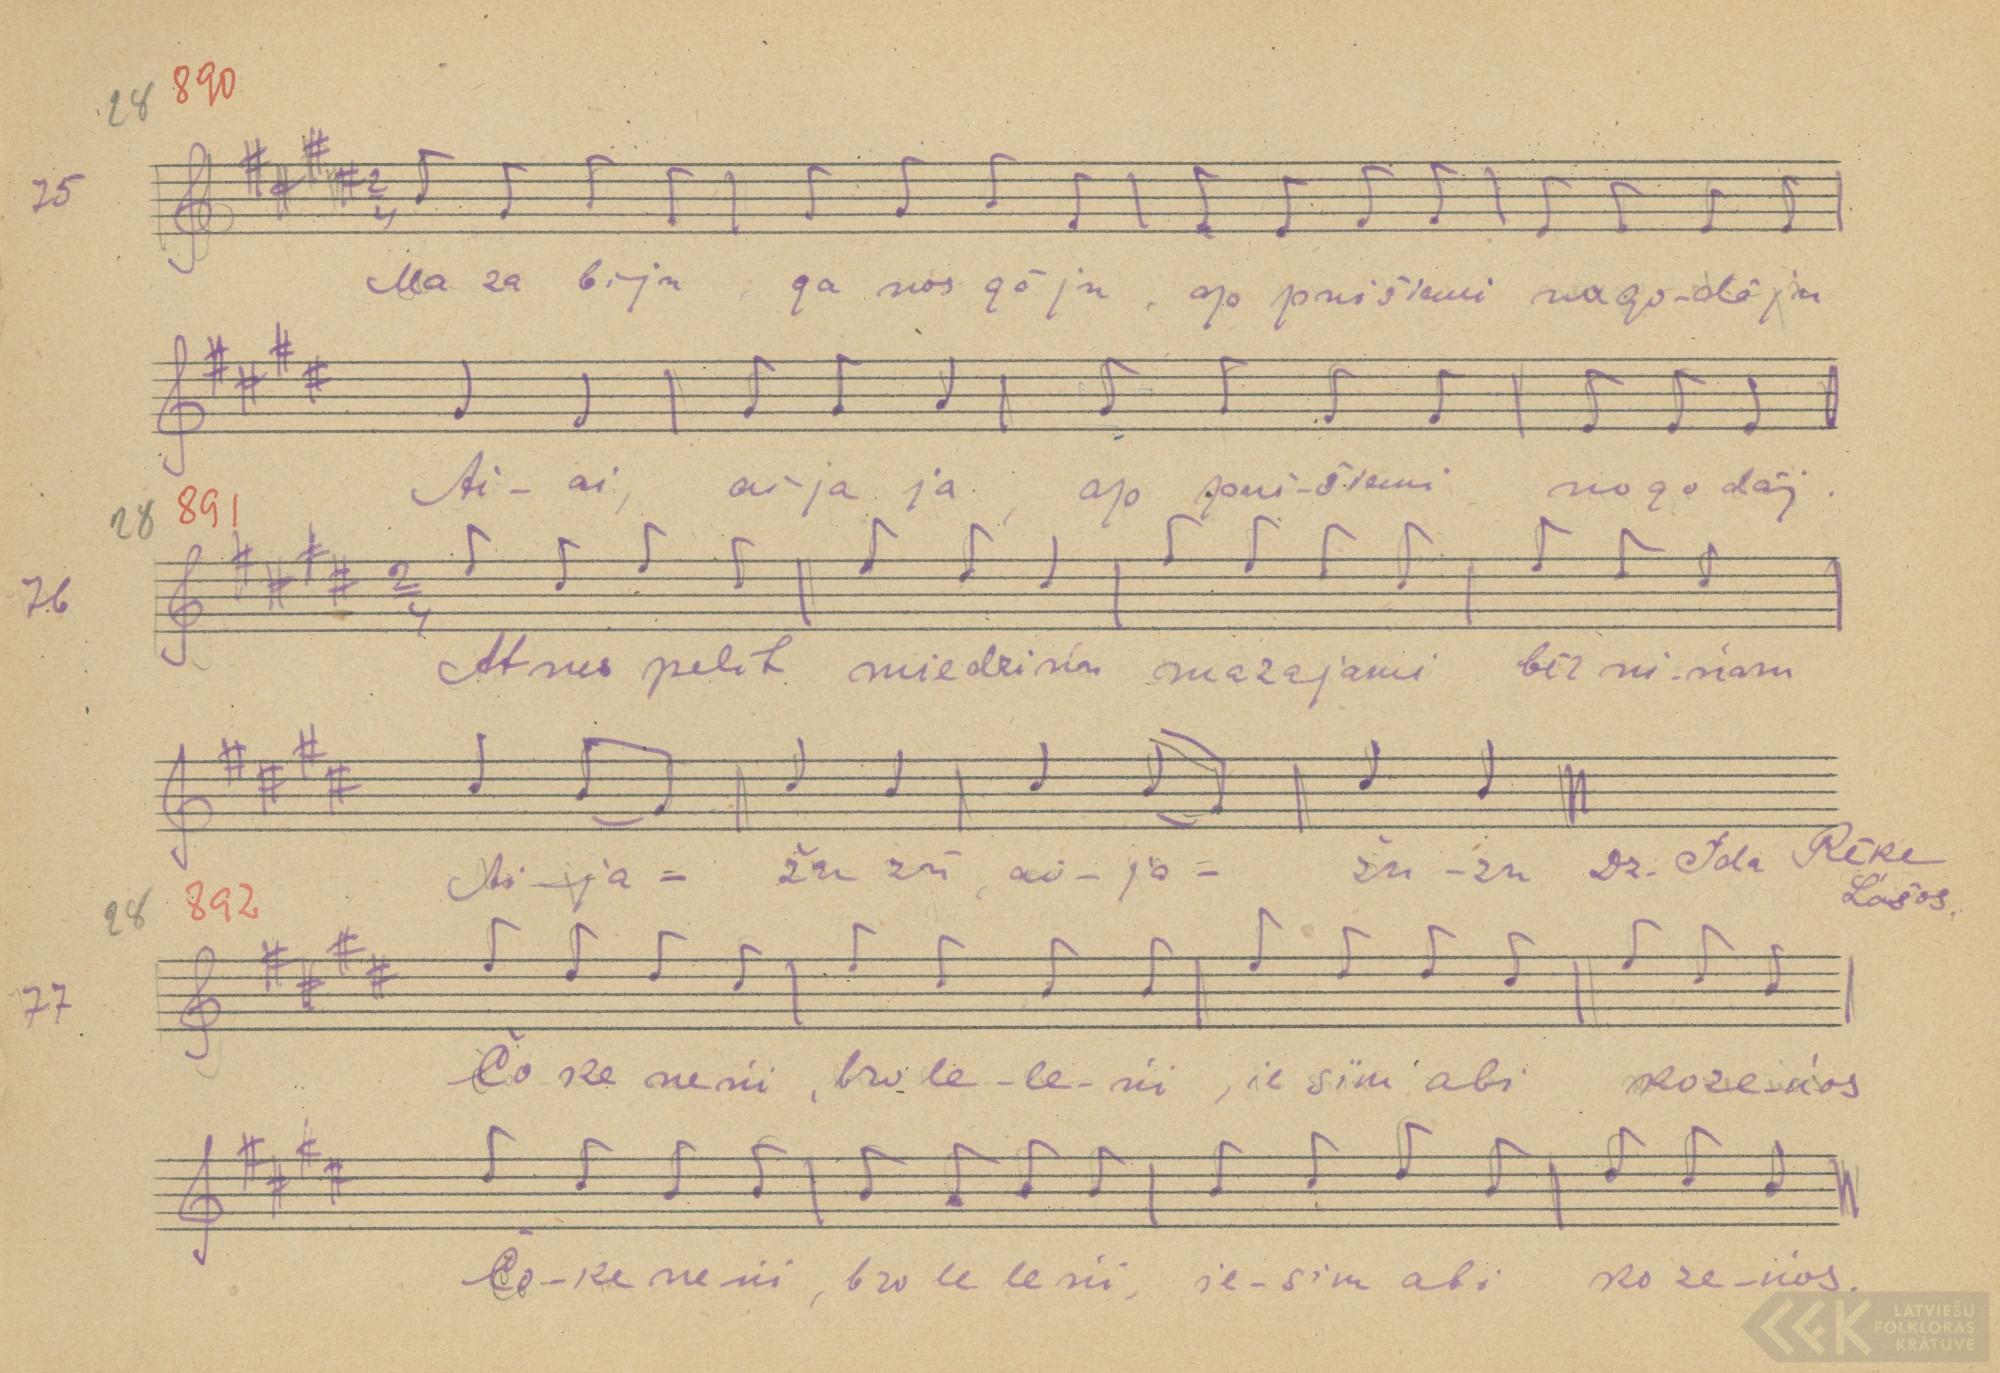 Atnes, peleit, mīdzeņu (1927)